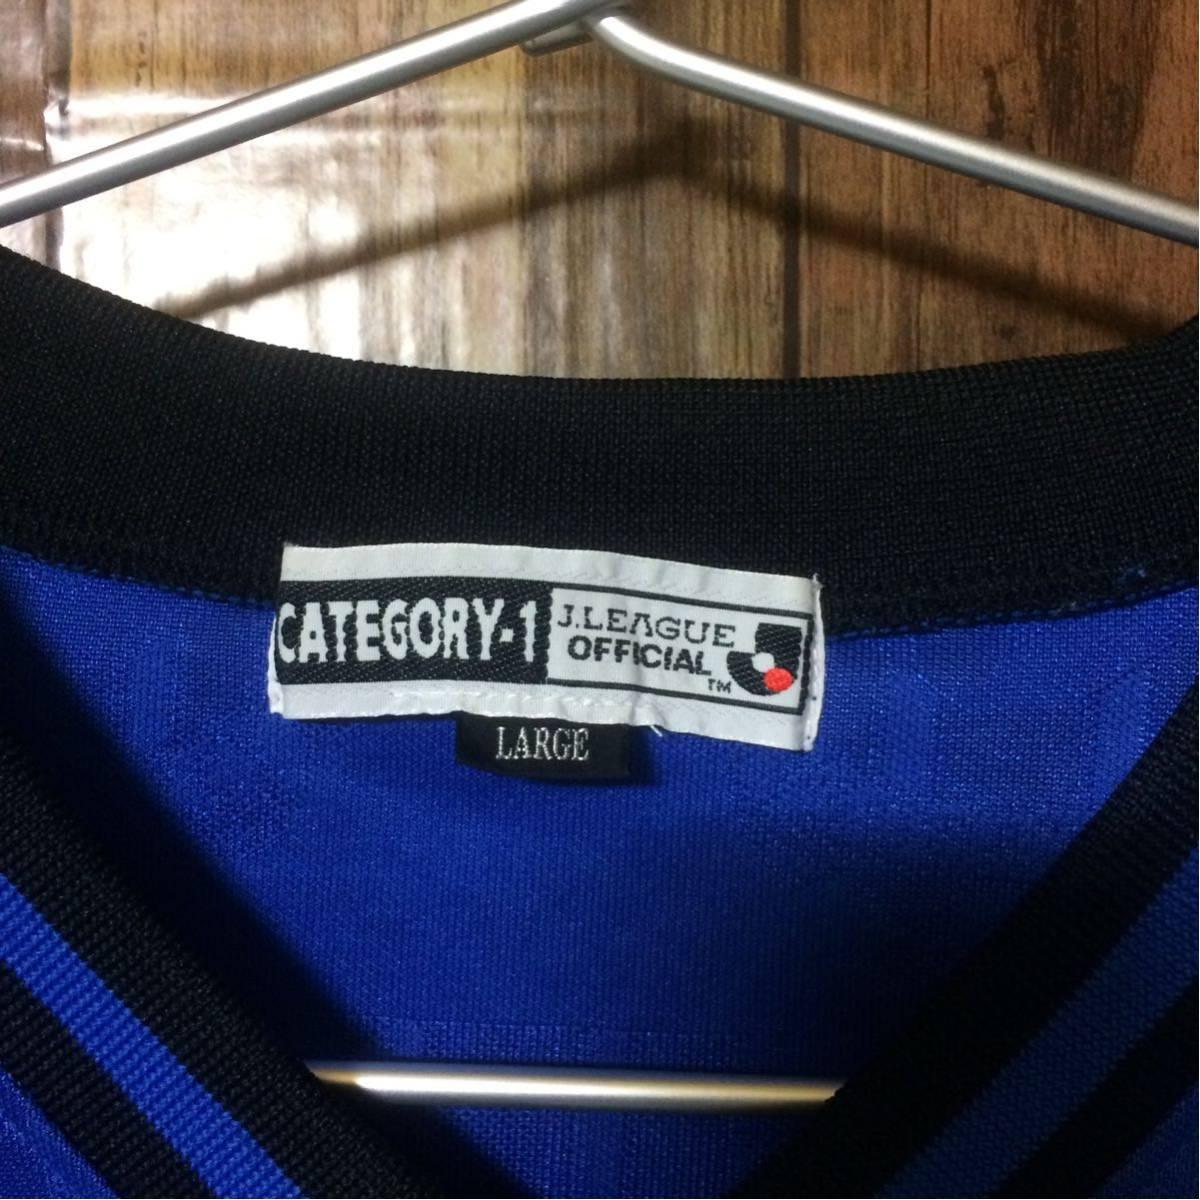 【コレクターアイテム】ガンバ大阪 Jリーグオフィシャル ユニフォーム Tシャツ Lサイズ_画像6